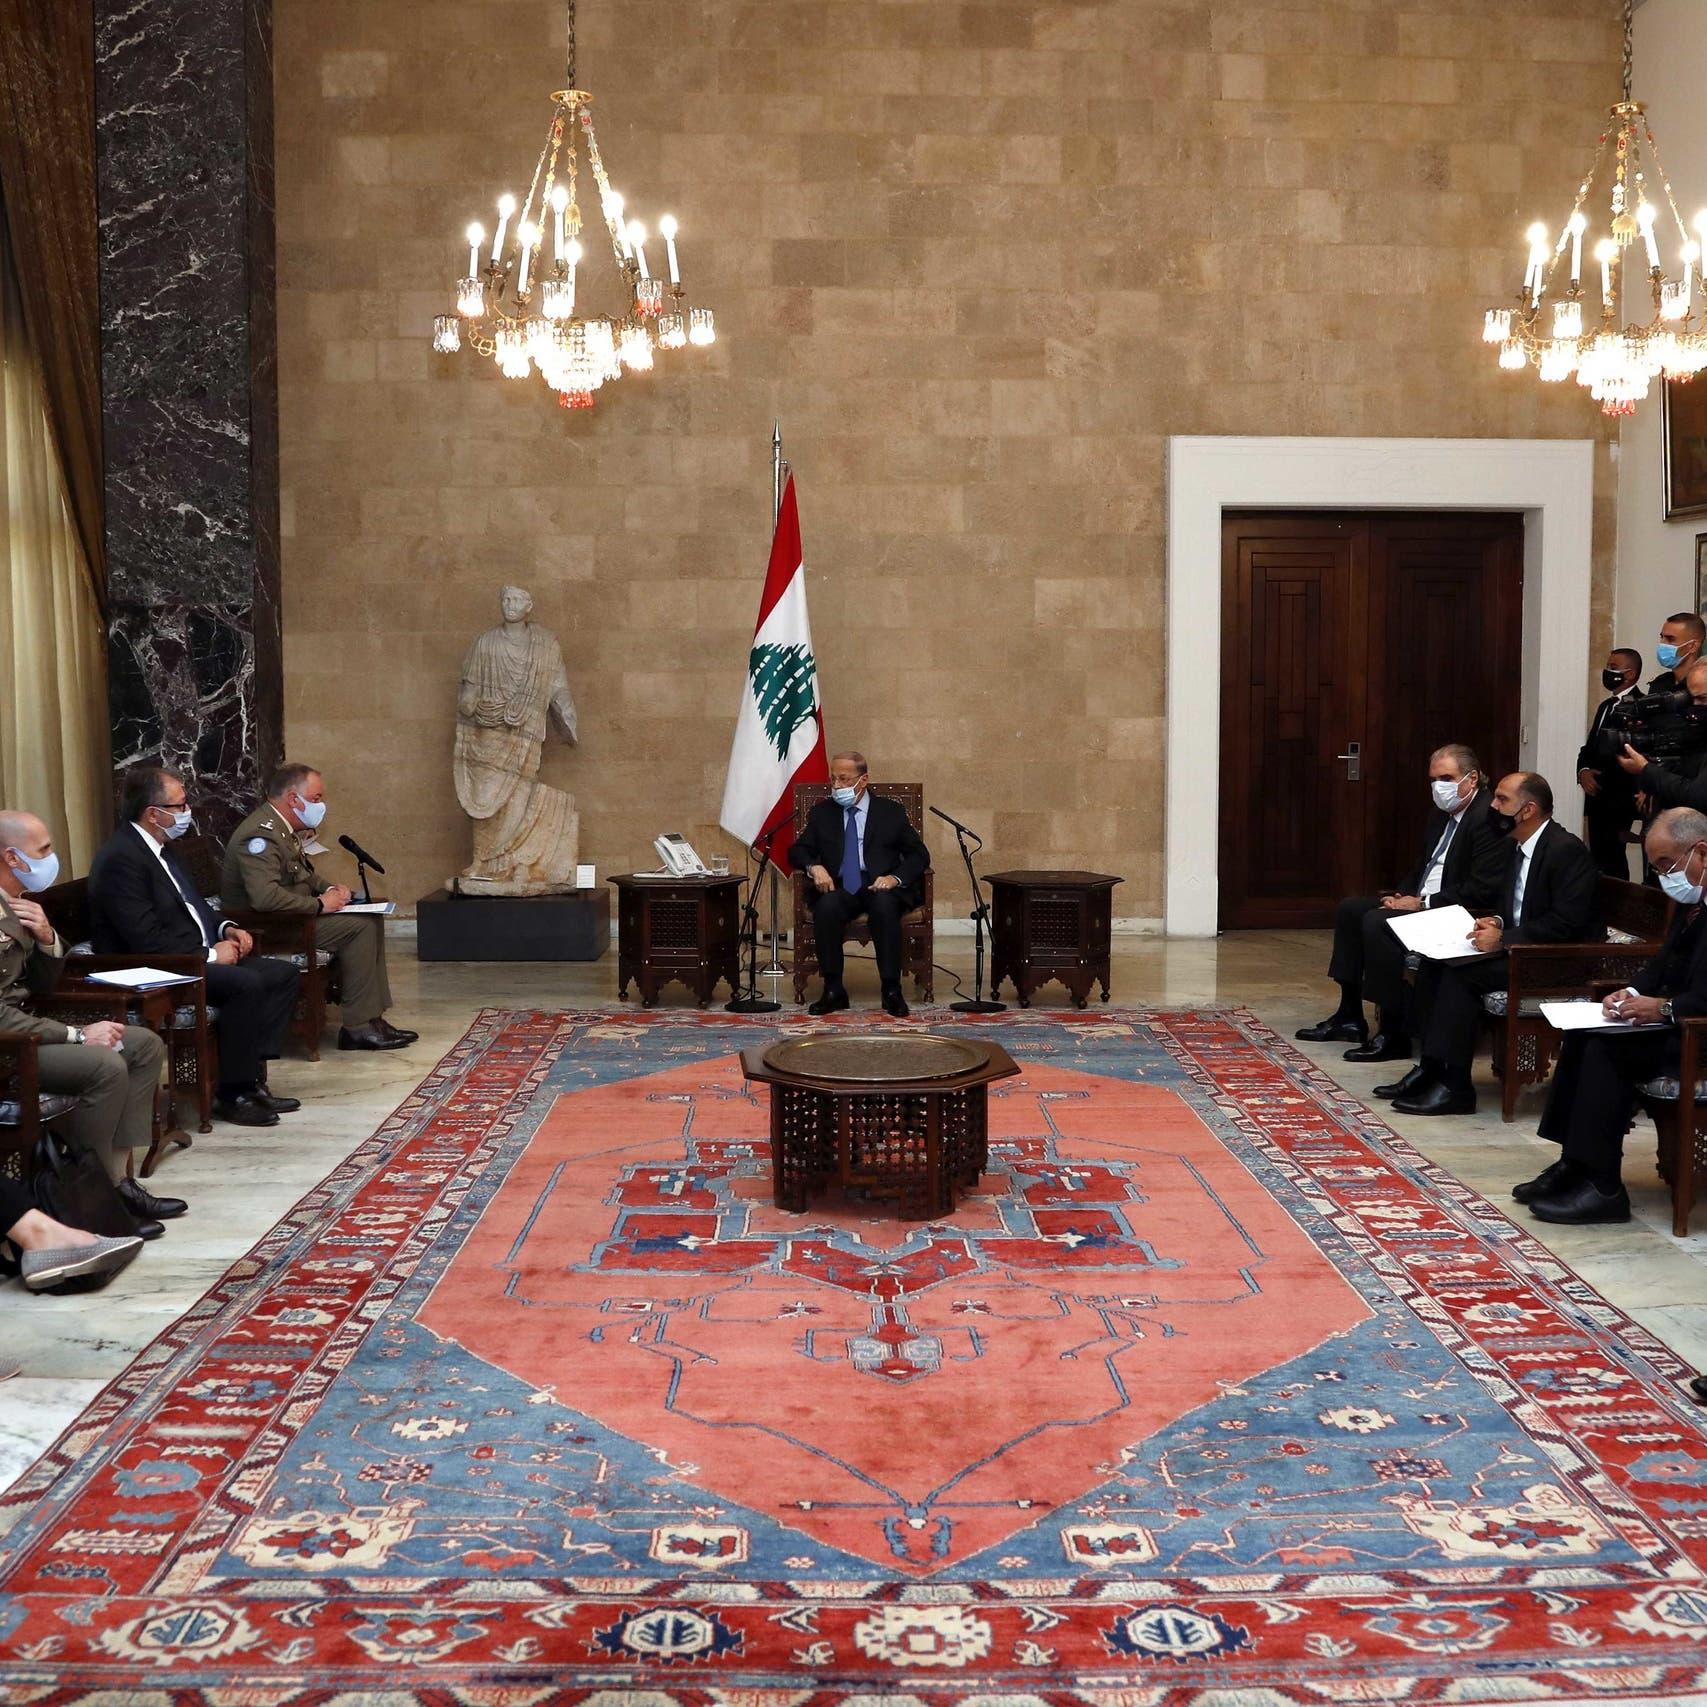 عون يحدد نقطة انطلاق مفاوضات الحدود ويوسّع الخلاف مع إسرائيل